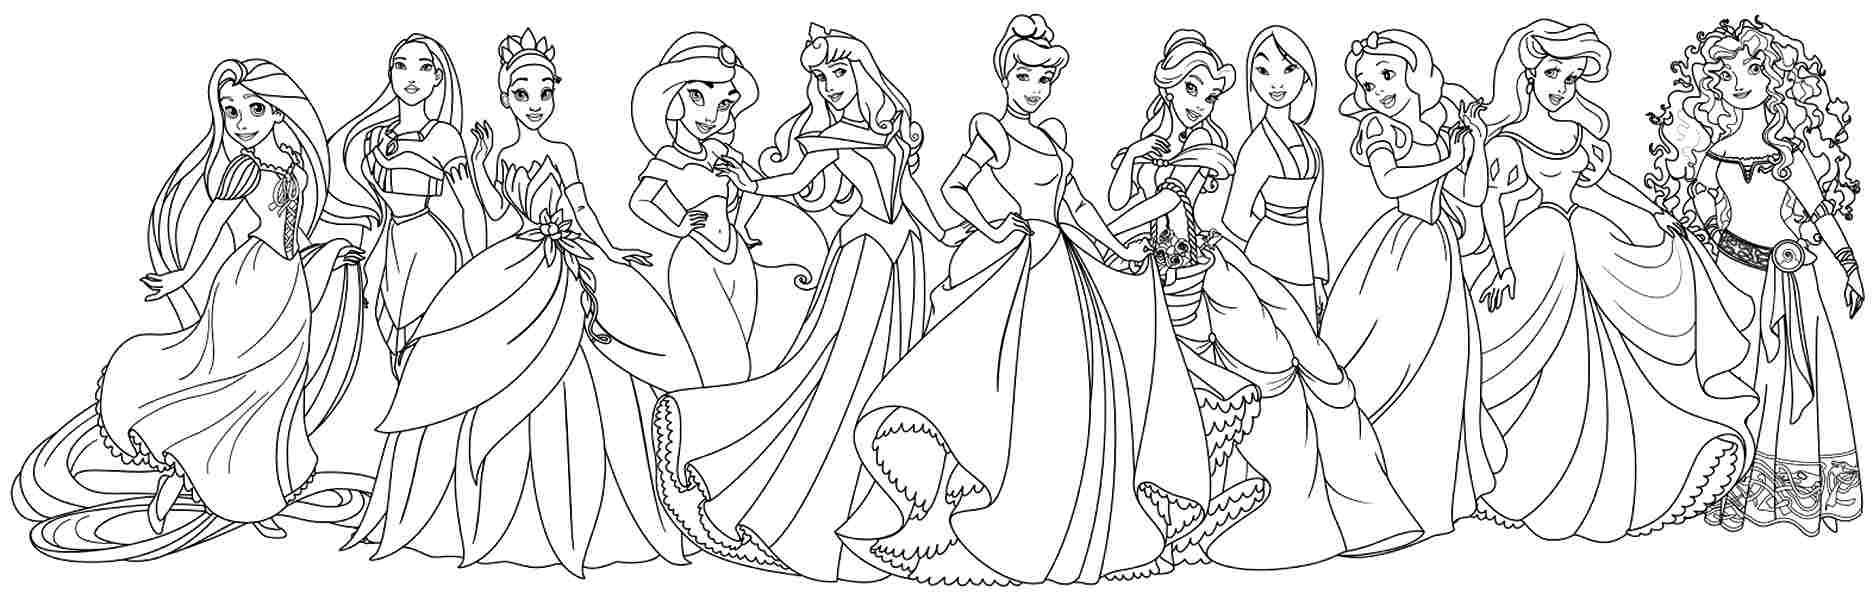 Одиннадцать принцесс диснеевских мультфильмов Раскраски с цветами распечатать бесплатно